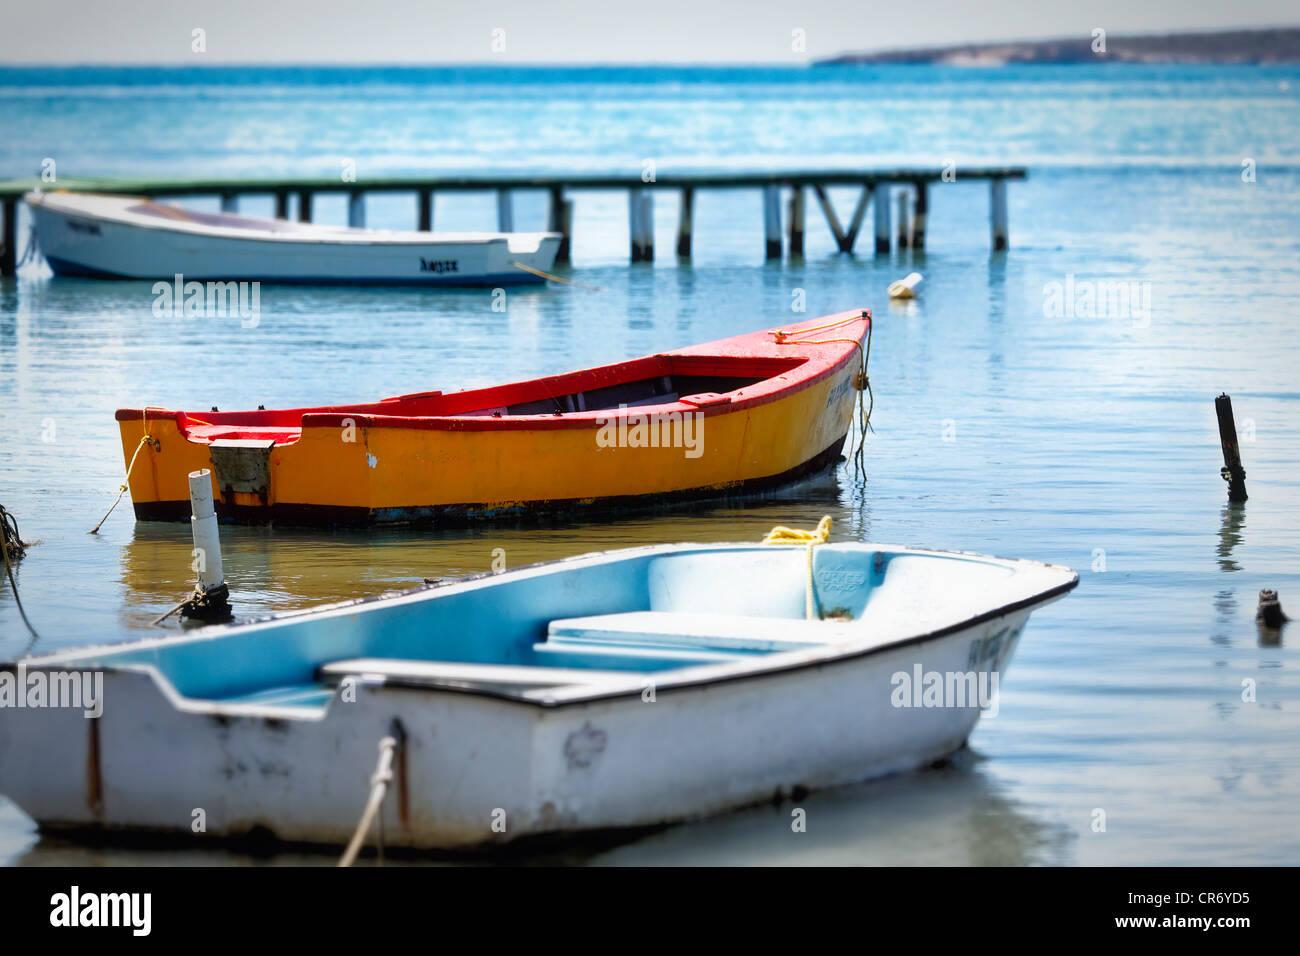 Piccole barche da pesca ormeggiate in una baia, Cana Gorda, Guanica, Puerto Rico Immagini Stock